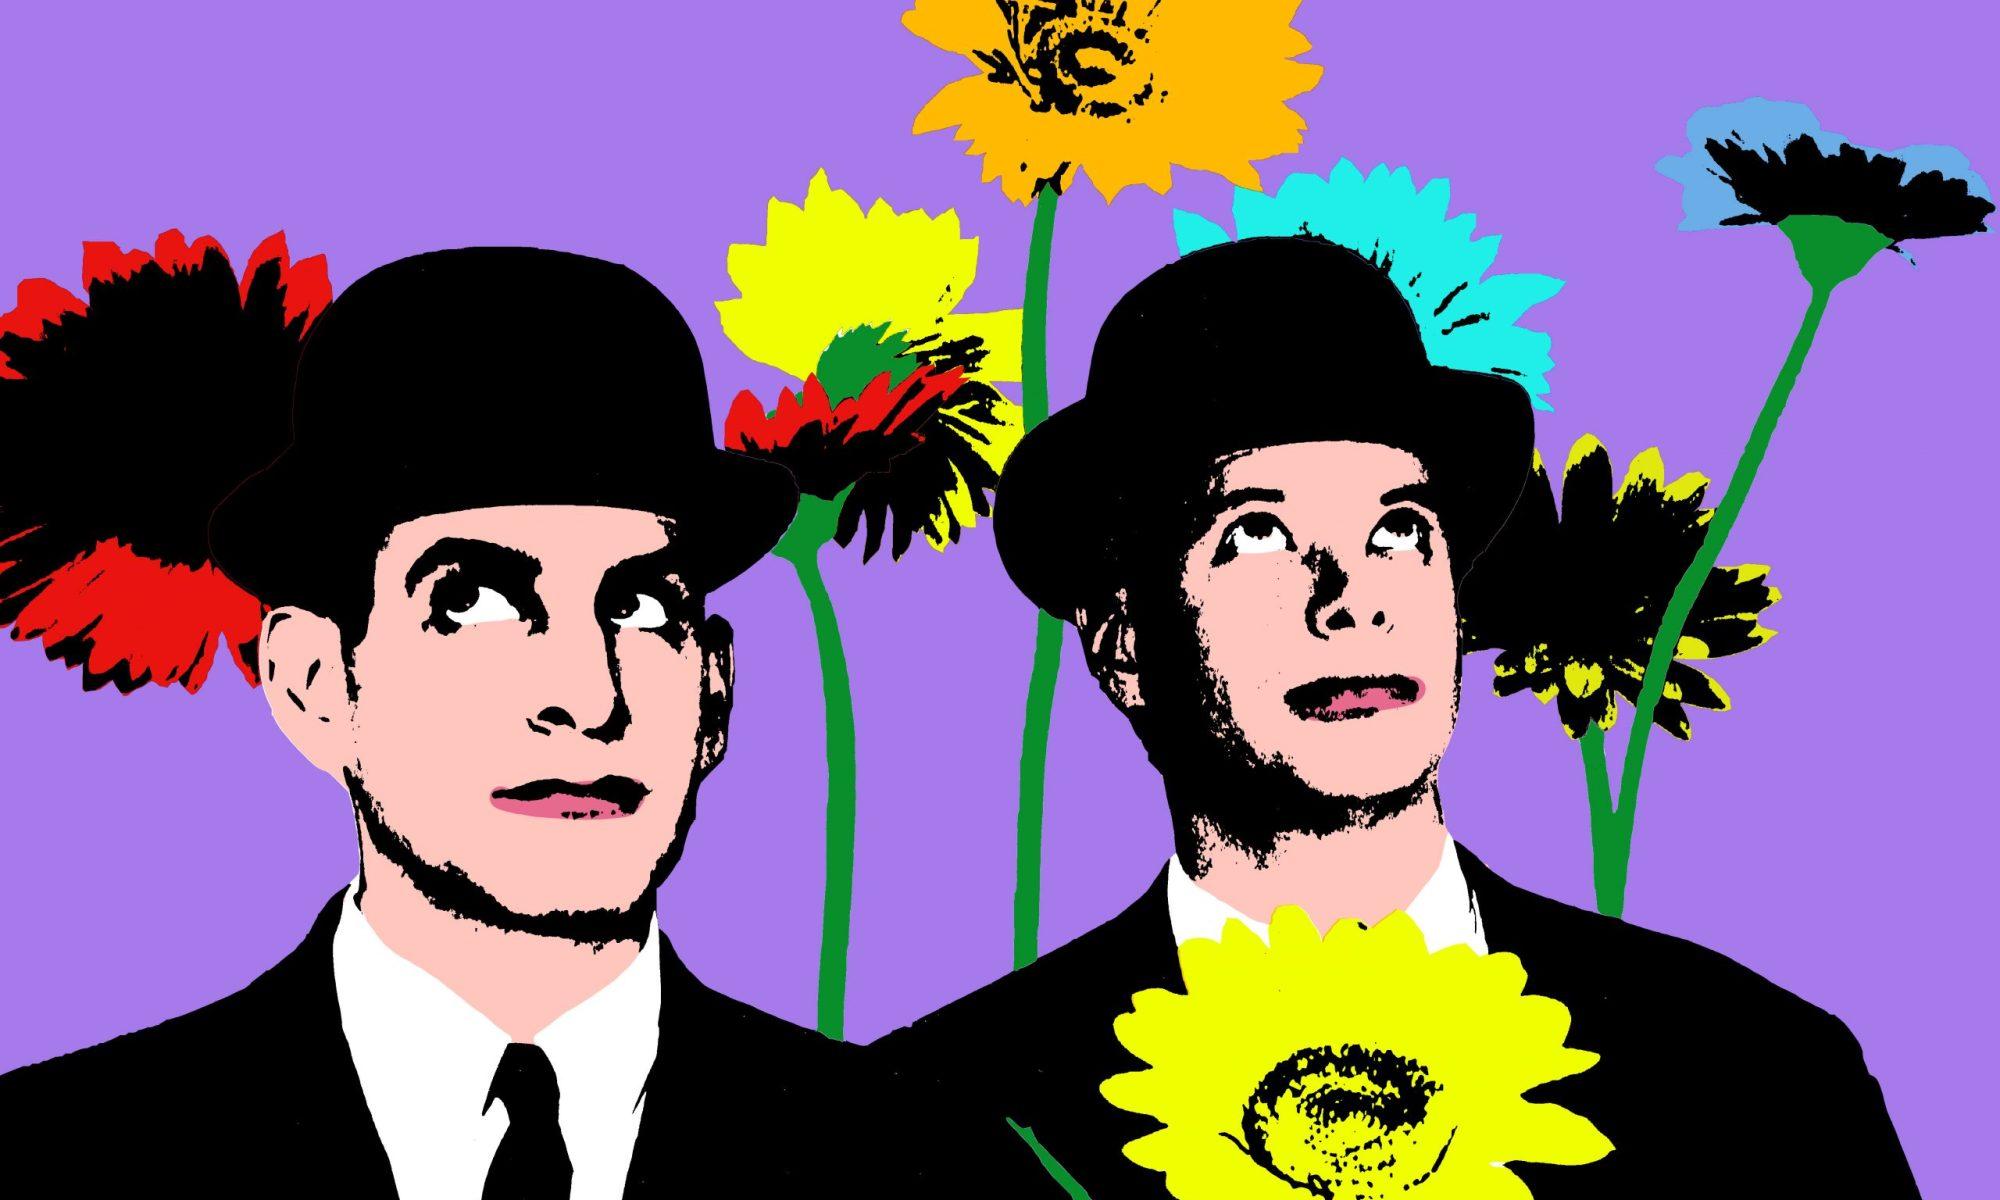 Bachelors Anonymous portrait image